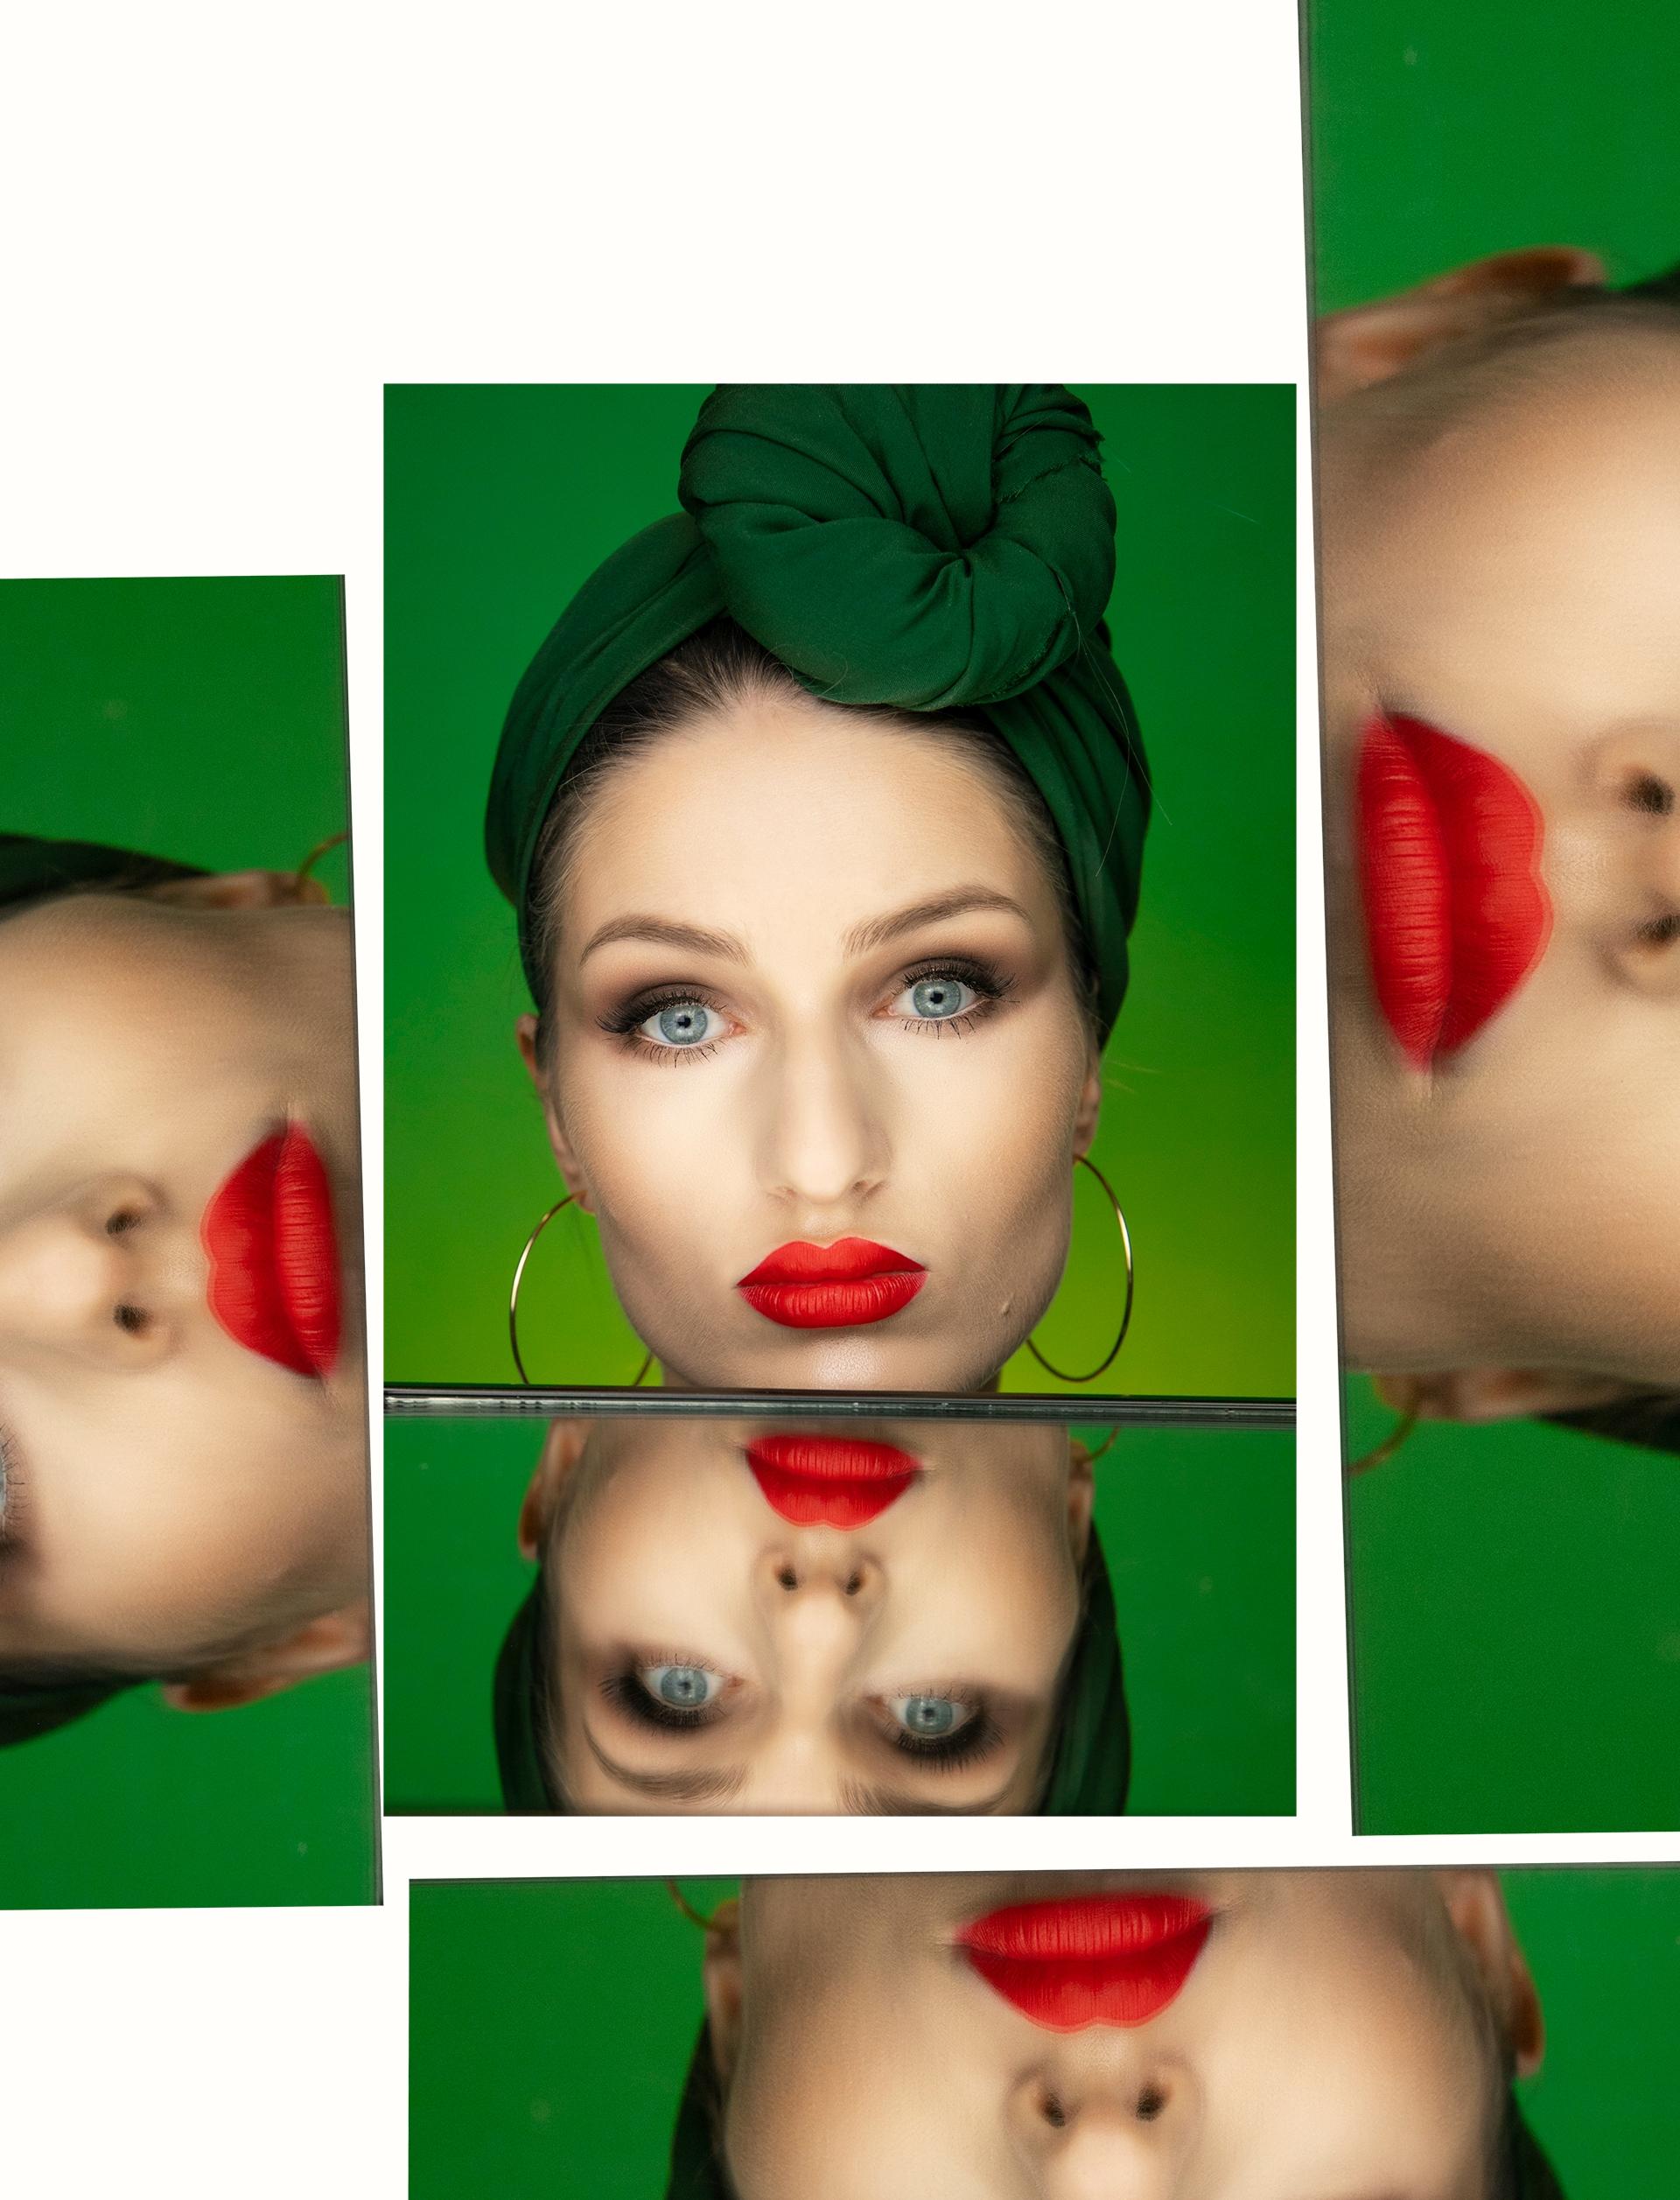 Obraz przedstawia zdjęcia twarzy kobiety z czerwonymi ustami na zielonym tle.